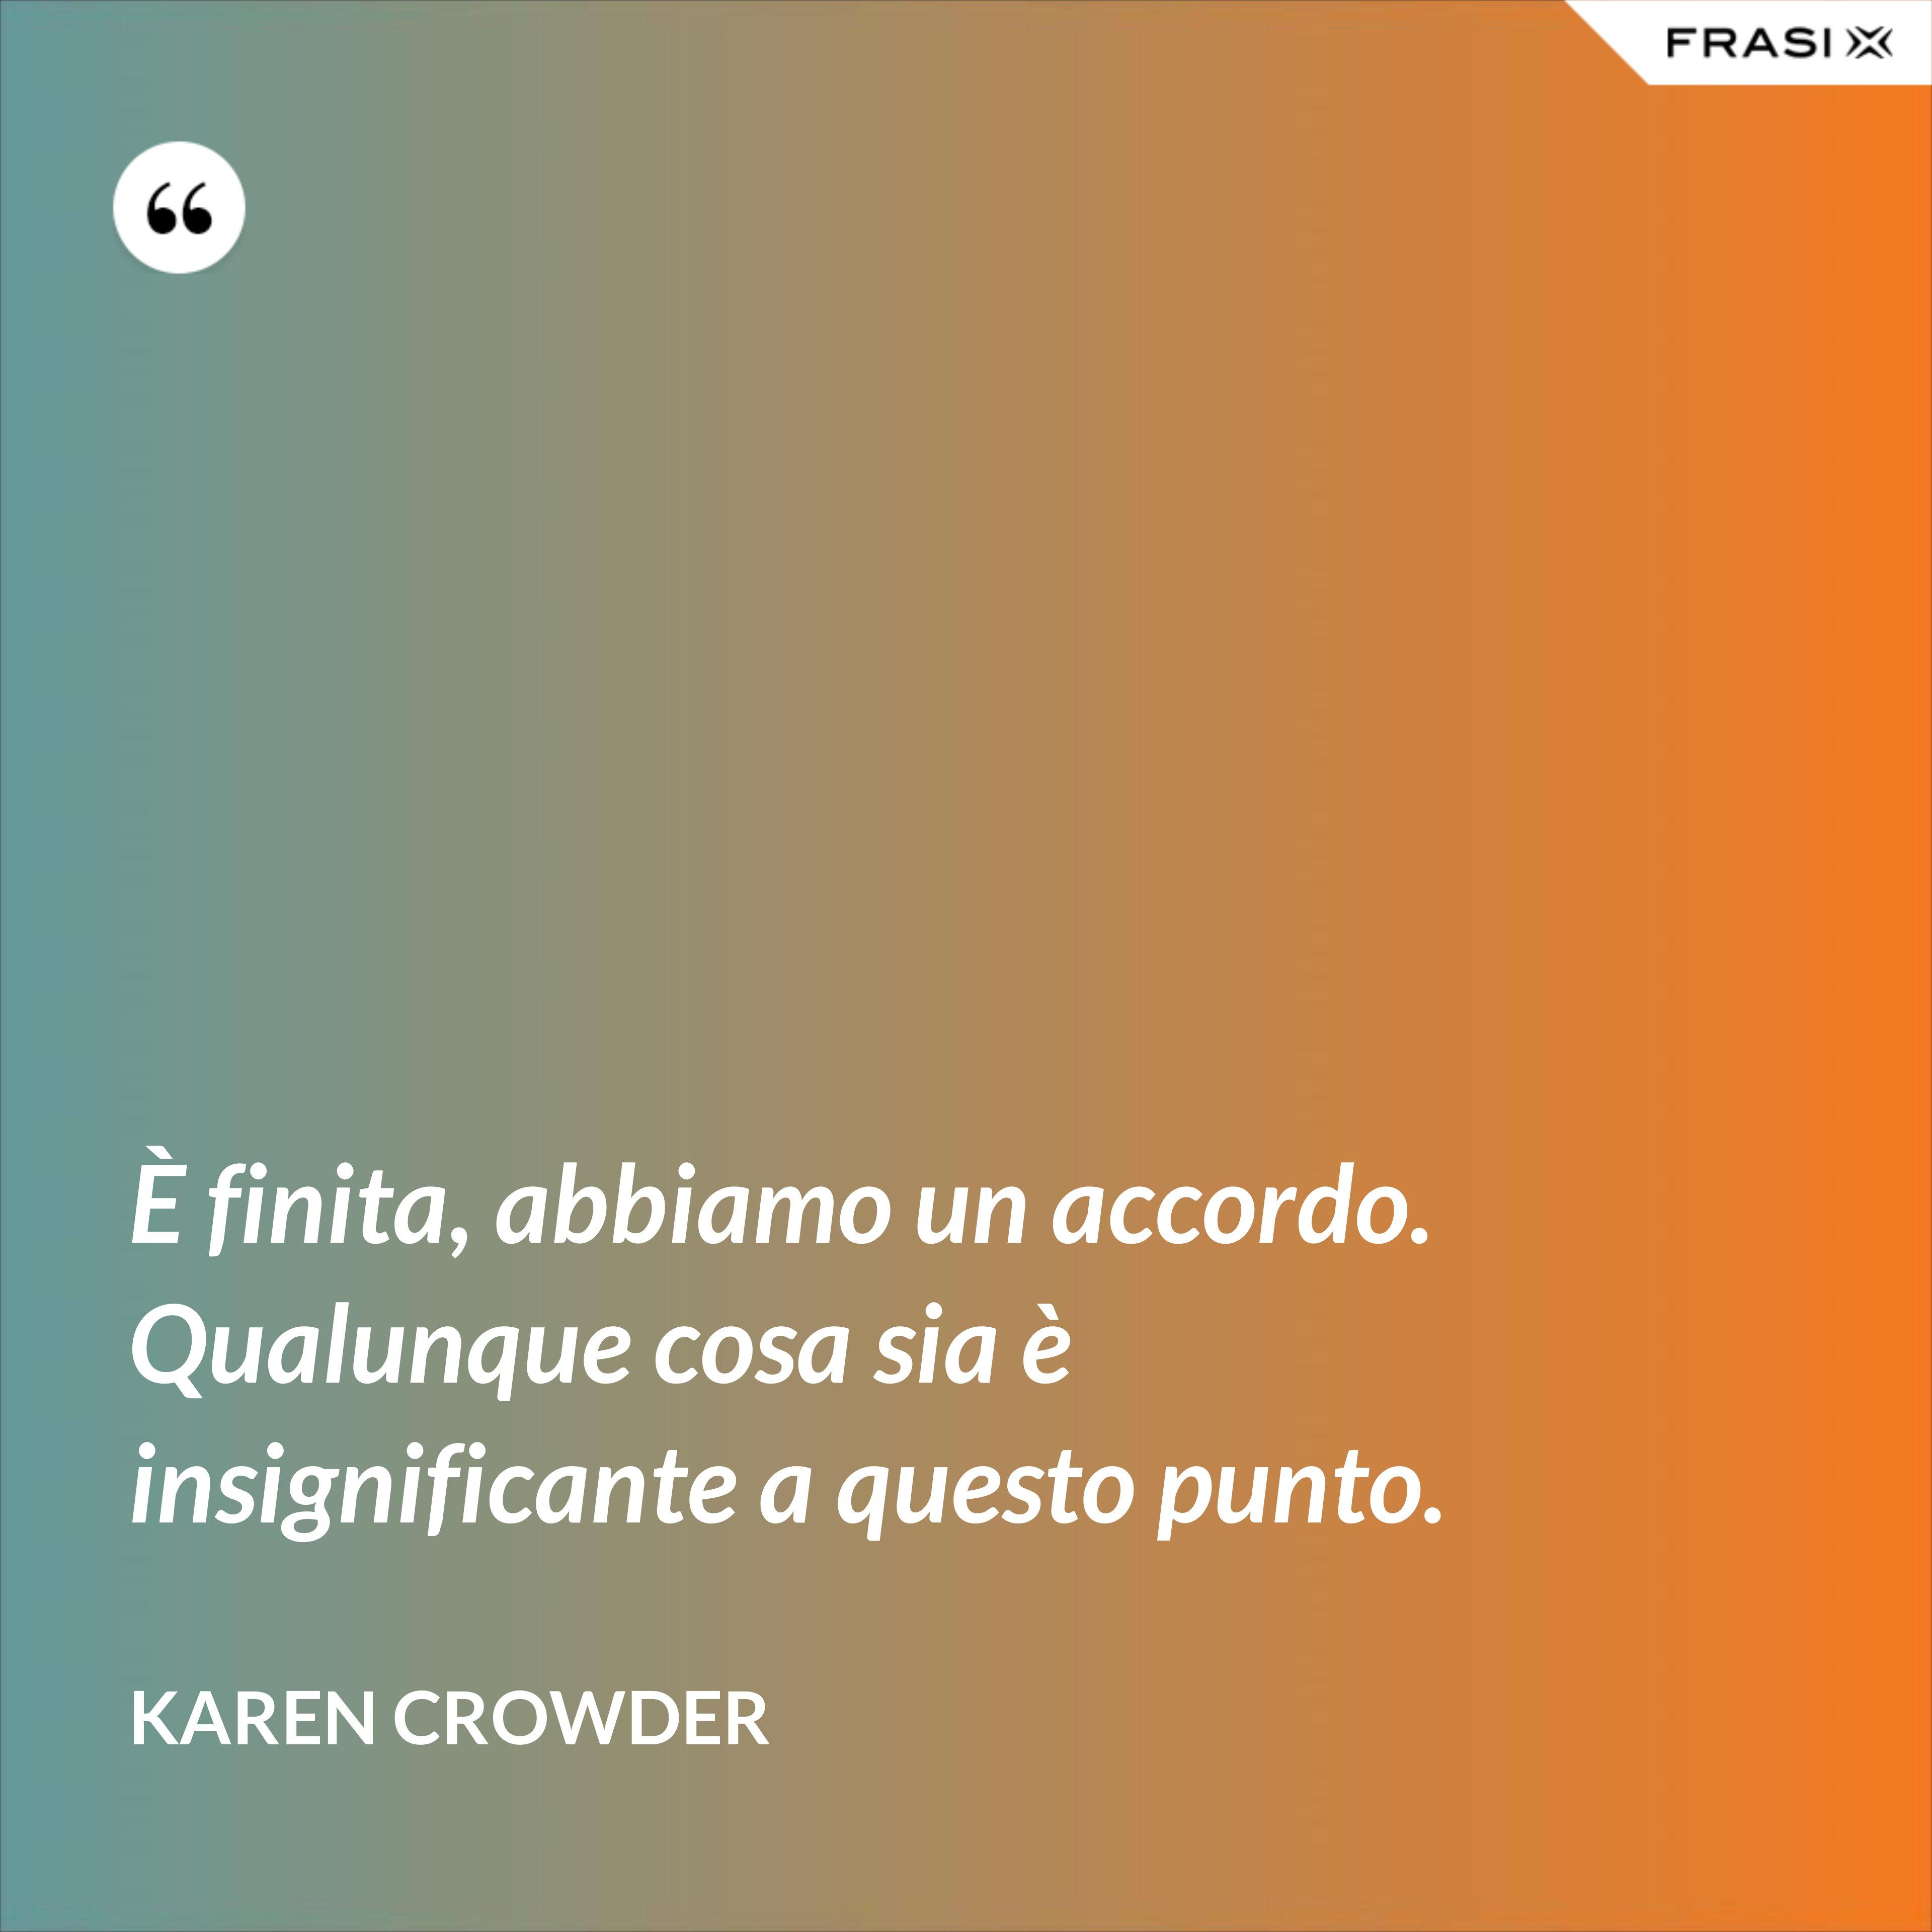 È finita, abbiamo un accordo. Qualunque cosa sia è insignificante a questo punto. - Karen Crowder